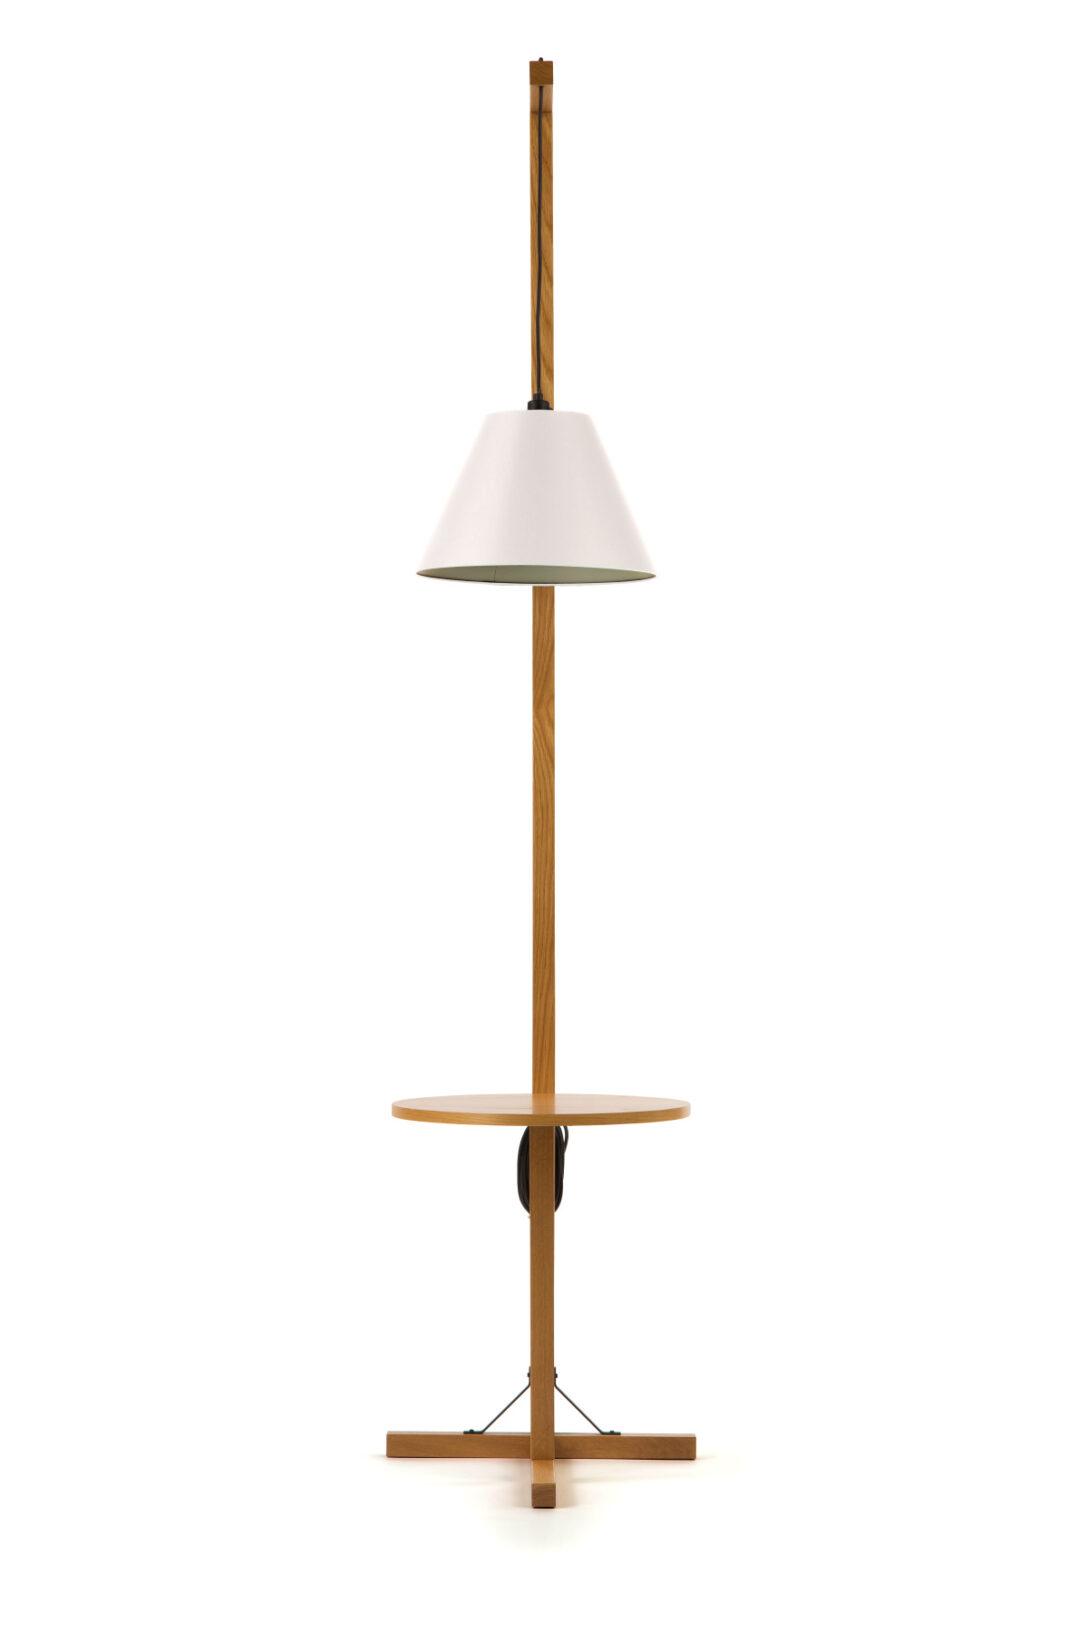 Large Size of Ikea Stehlampe Holz Wohnzimmer Modern Stehlampen Led Dimmbar Poco Esstisch Massiv Esstische Alu Fenster Massivholz Sofa Mit Schlaffunktion Unterschrank Bad Wohnzimmer Ikea Stehlampe Holz